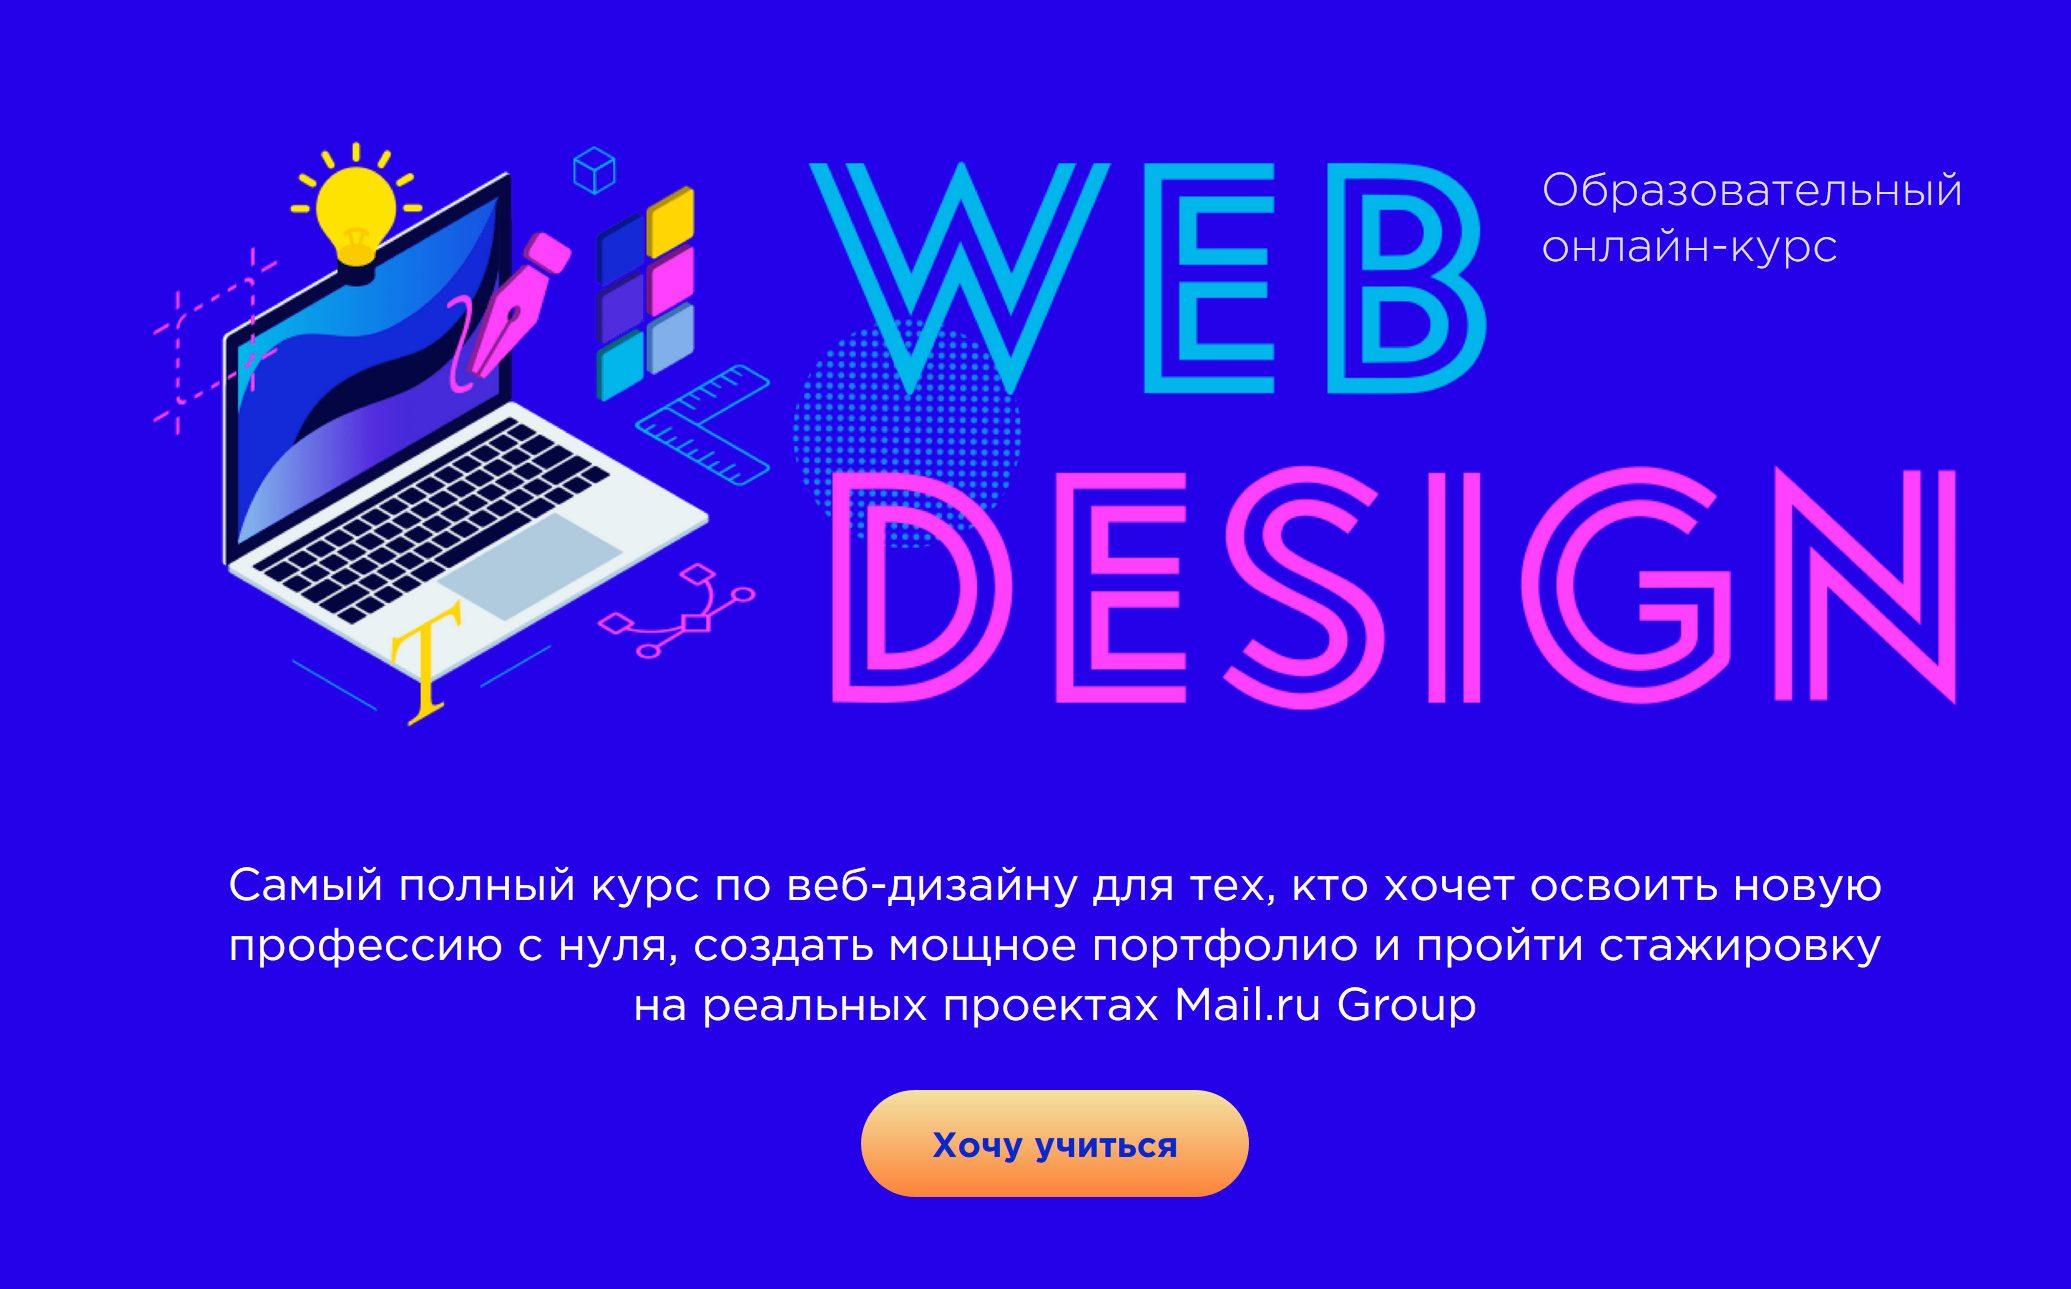 Профессия веб-дизайнер Geekbrains Образовательный портал GeekBrains - образовательный портал